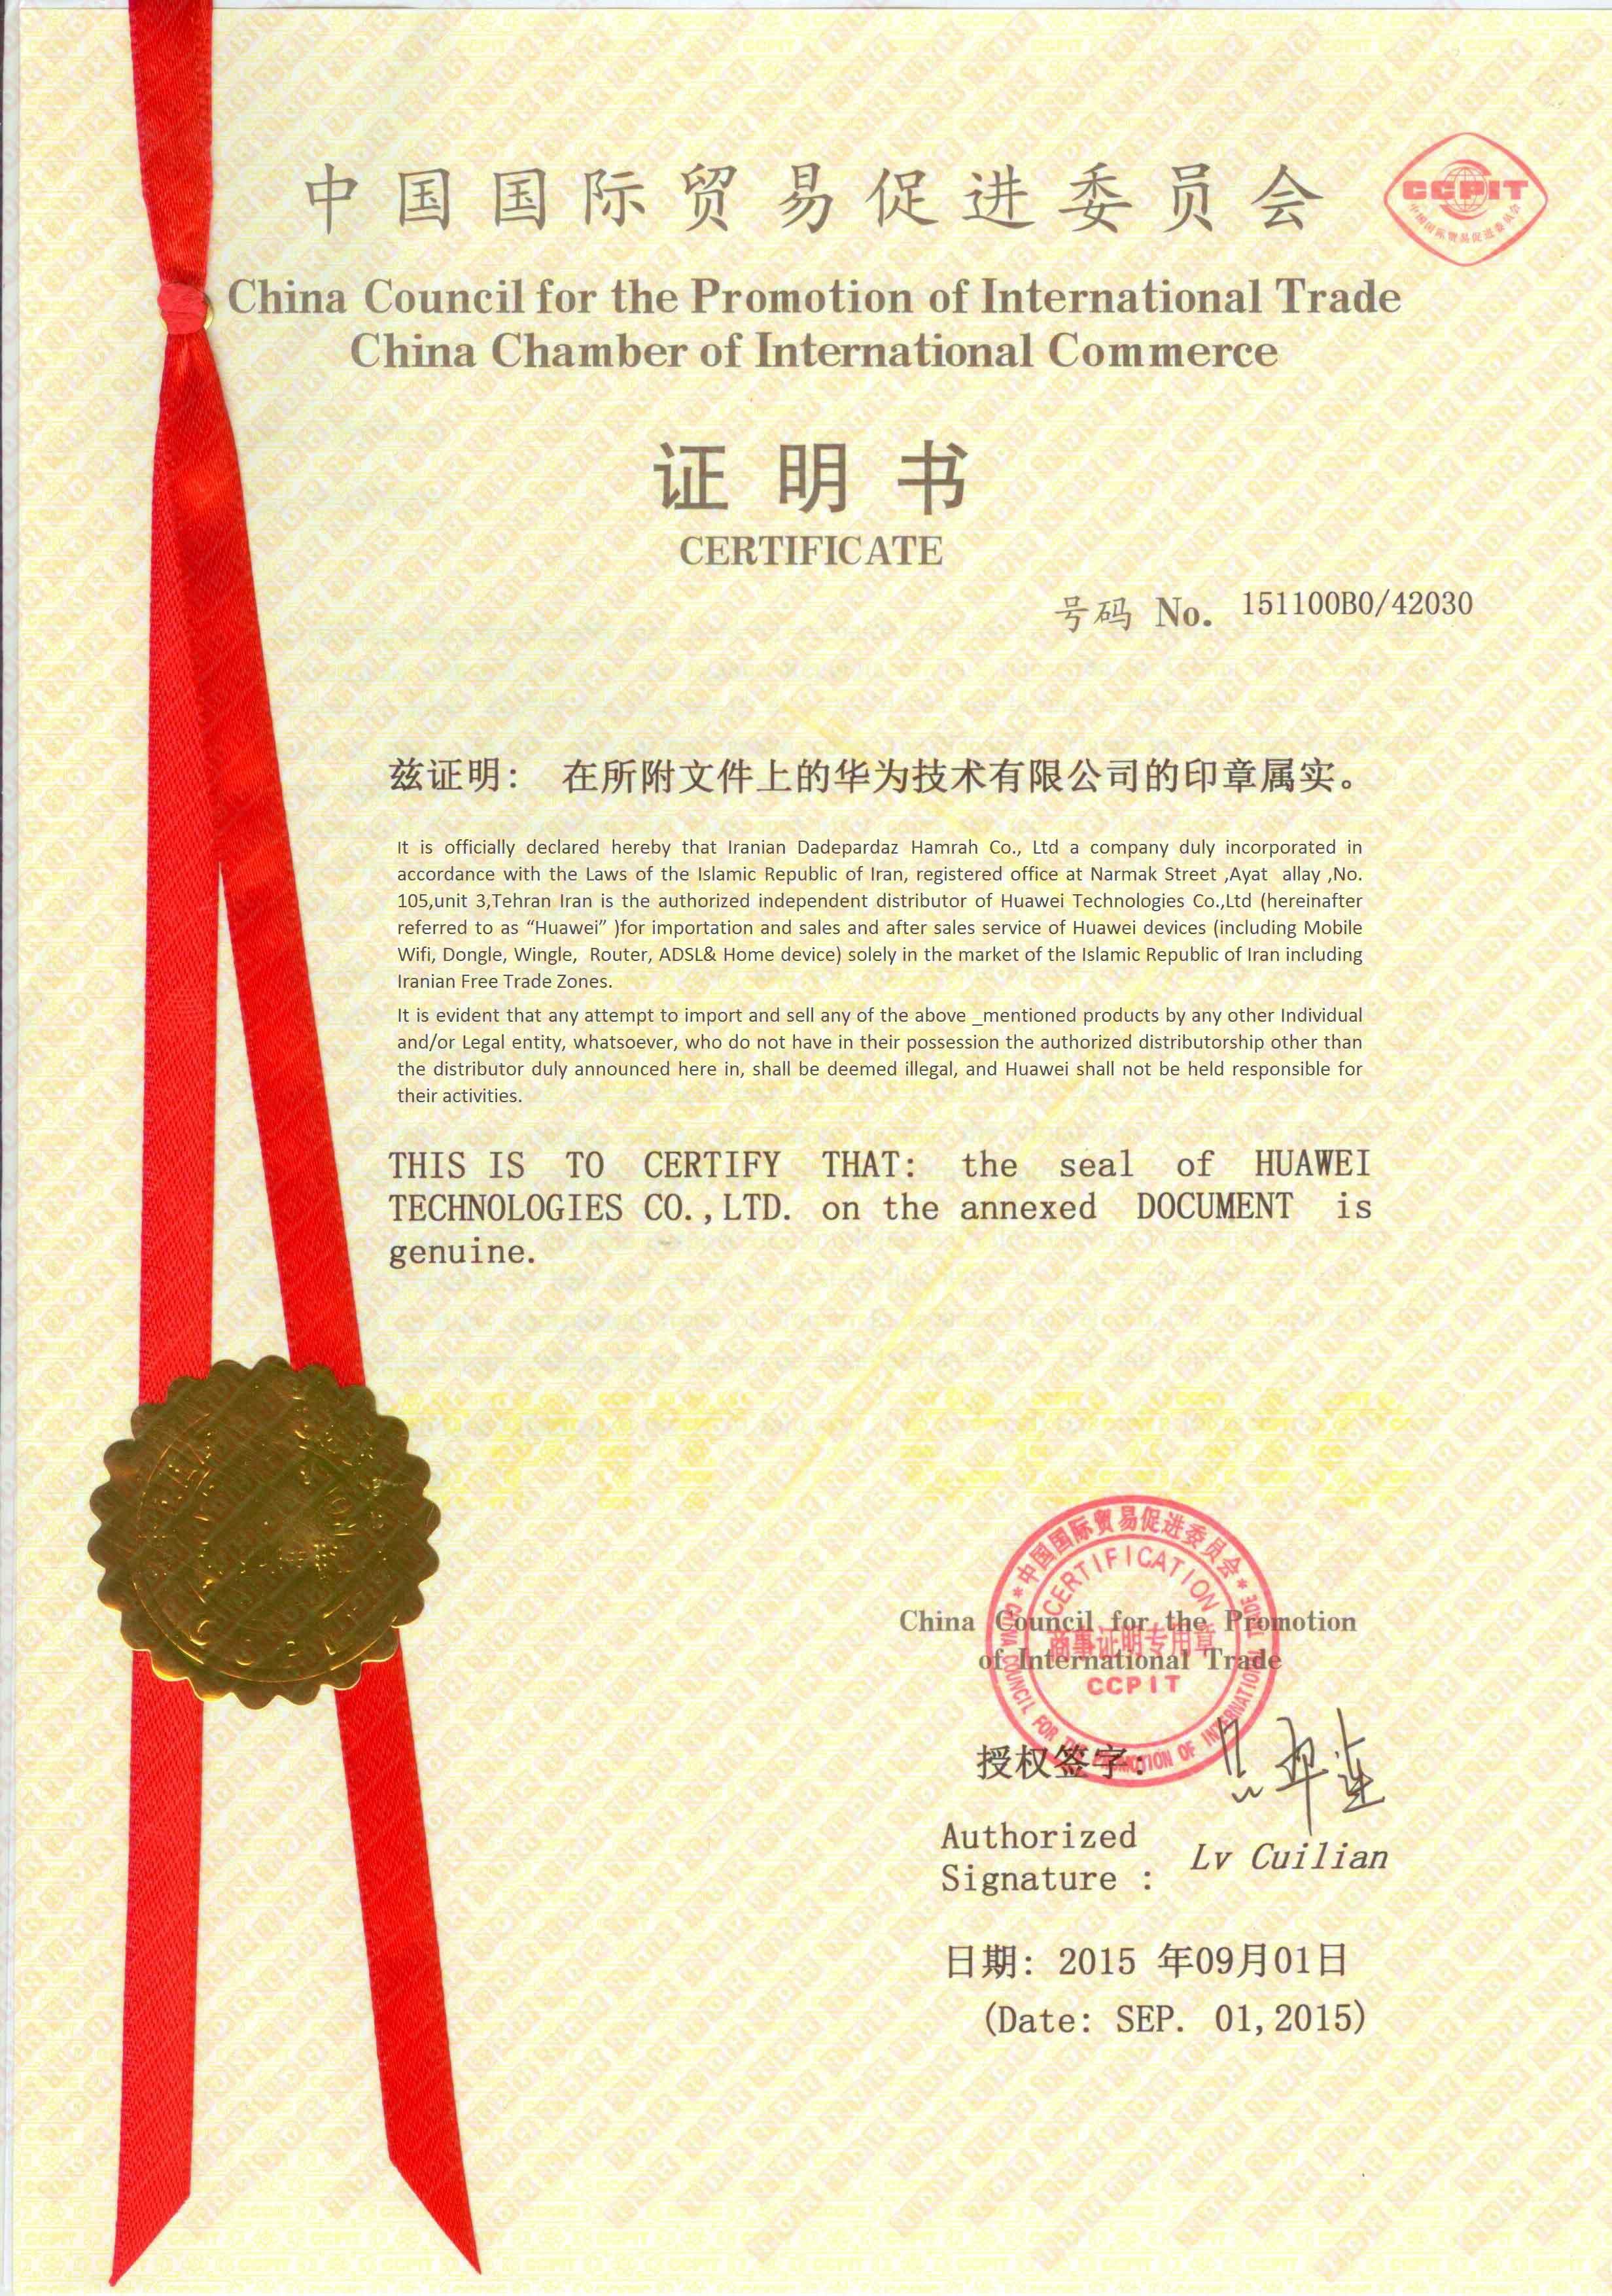 huawei-certificate-1